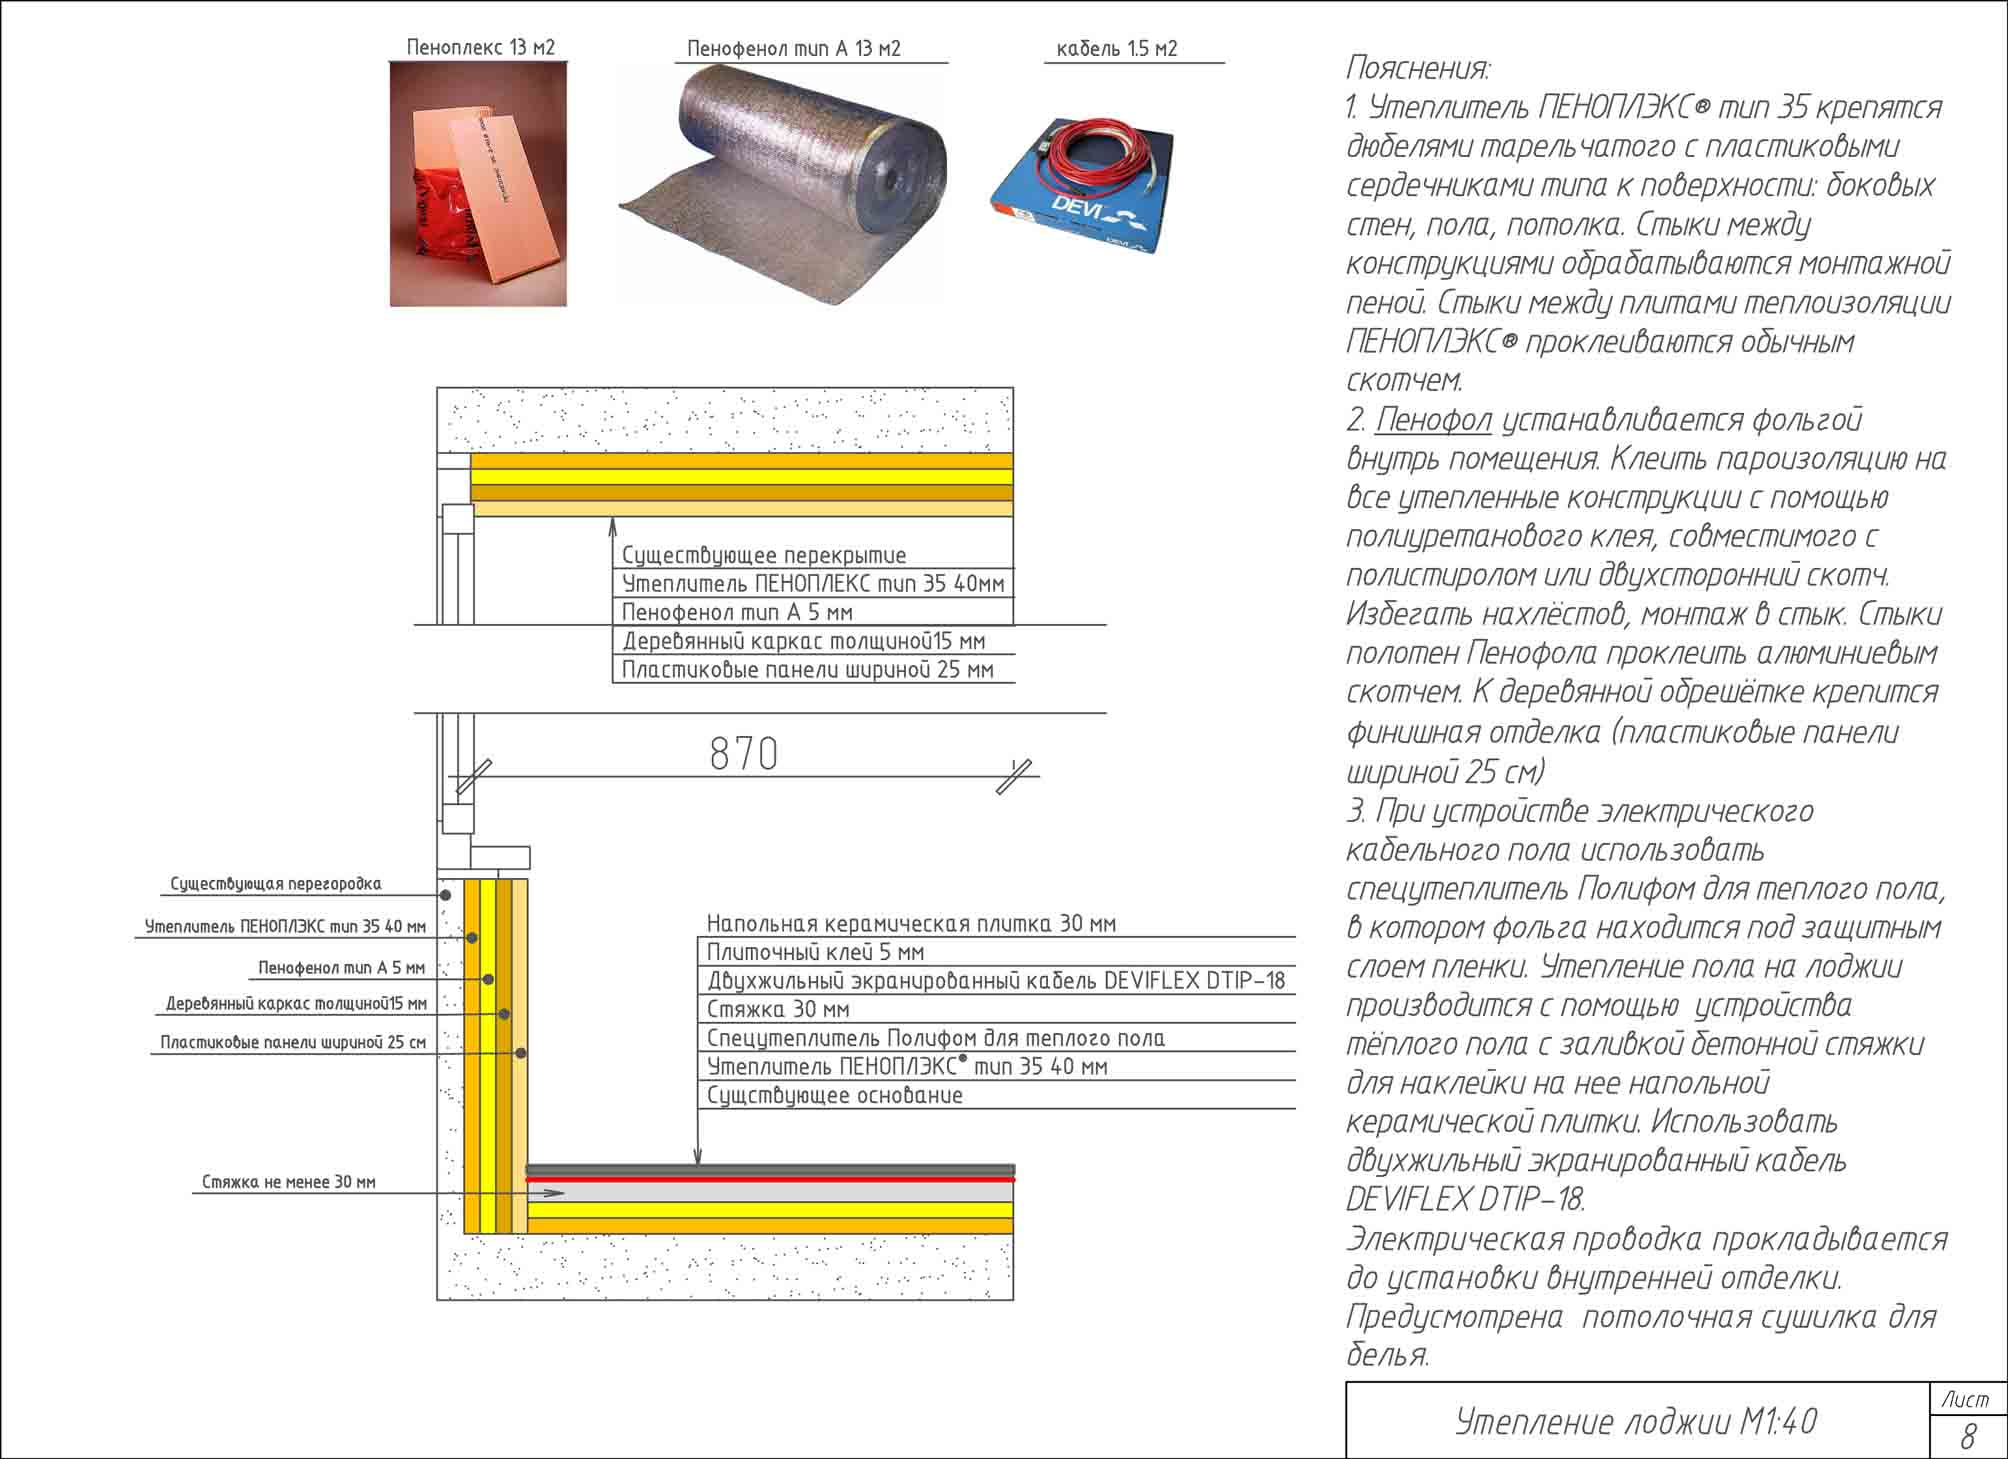 http://izolyar.com/wp-content/uploads/2014/uteplenie-balkona-sposoby-i-materialy/uteplenie-balkona-lodzhii-s-elektricheskim-kabelem.jpg